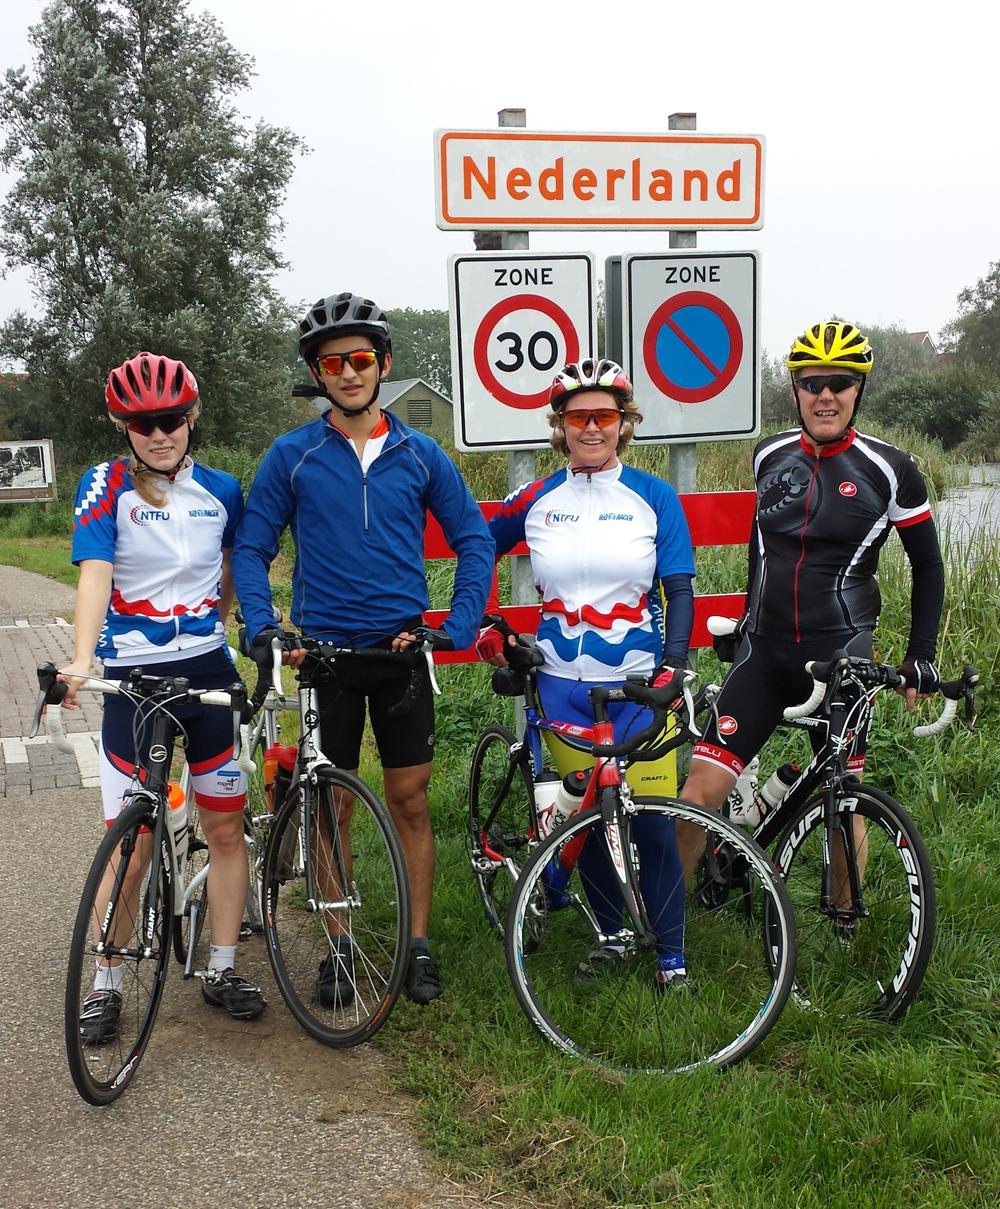 Sam_Nederland